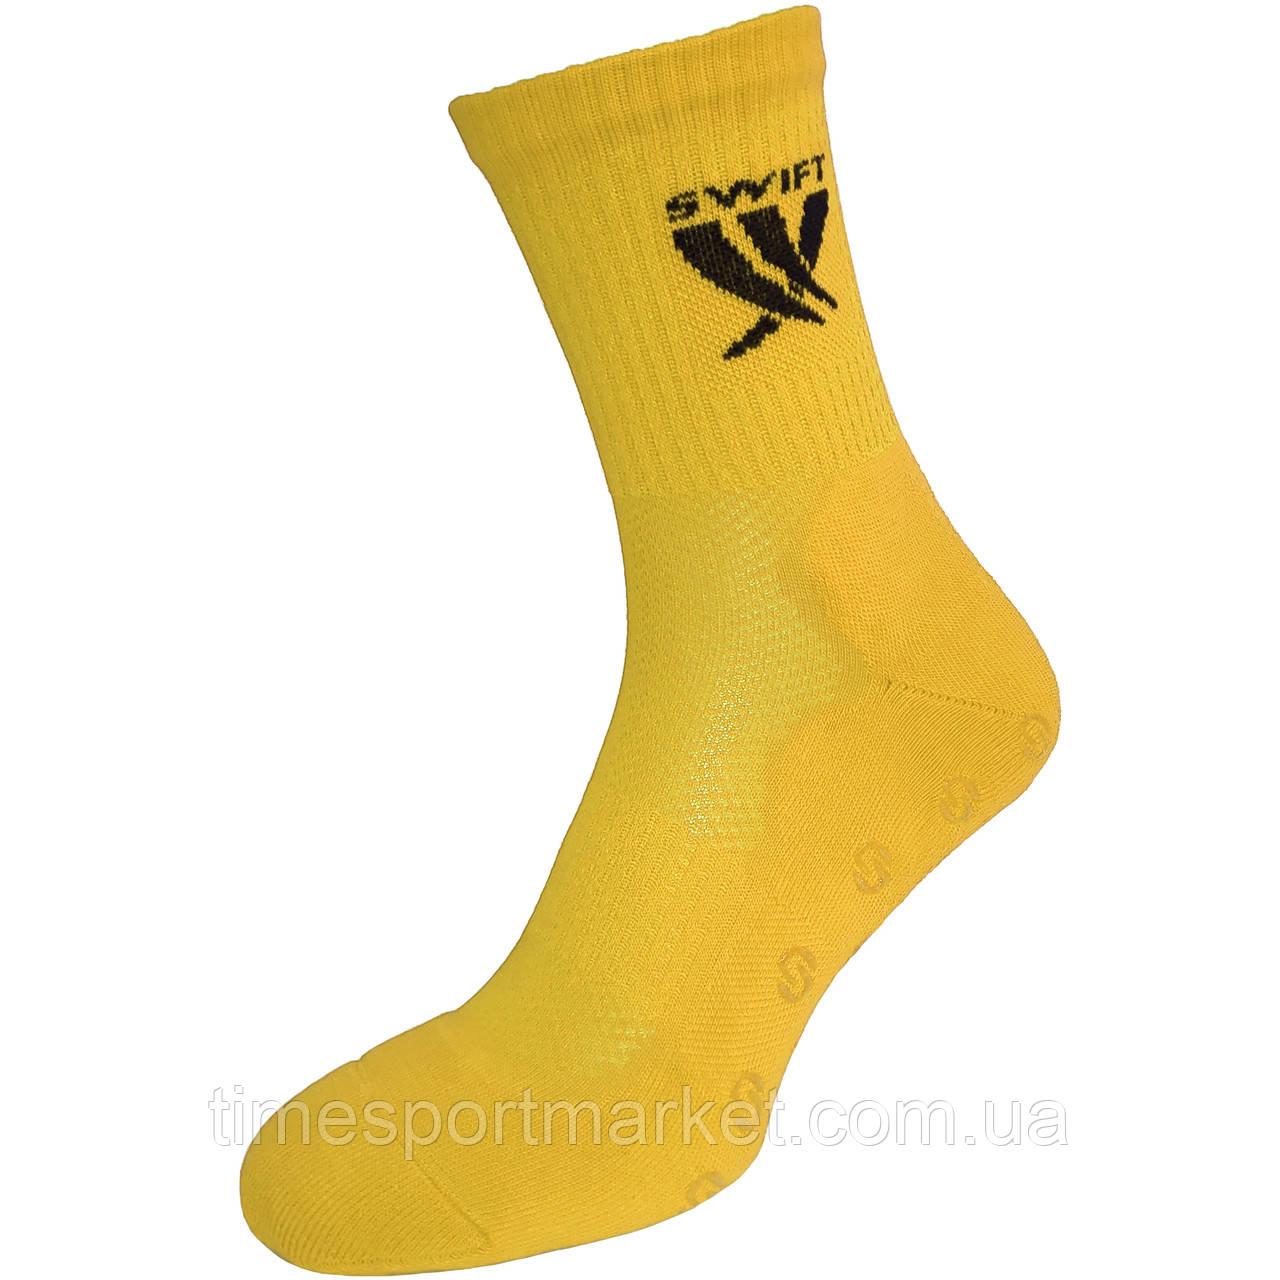 Шкарпетки спортивні SWIFT Anti-Slip PRO, жовті 27 p.